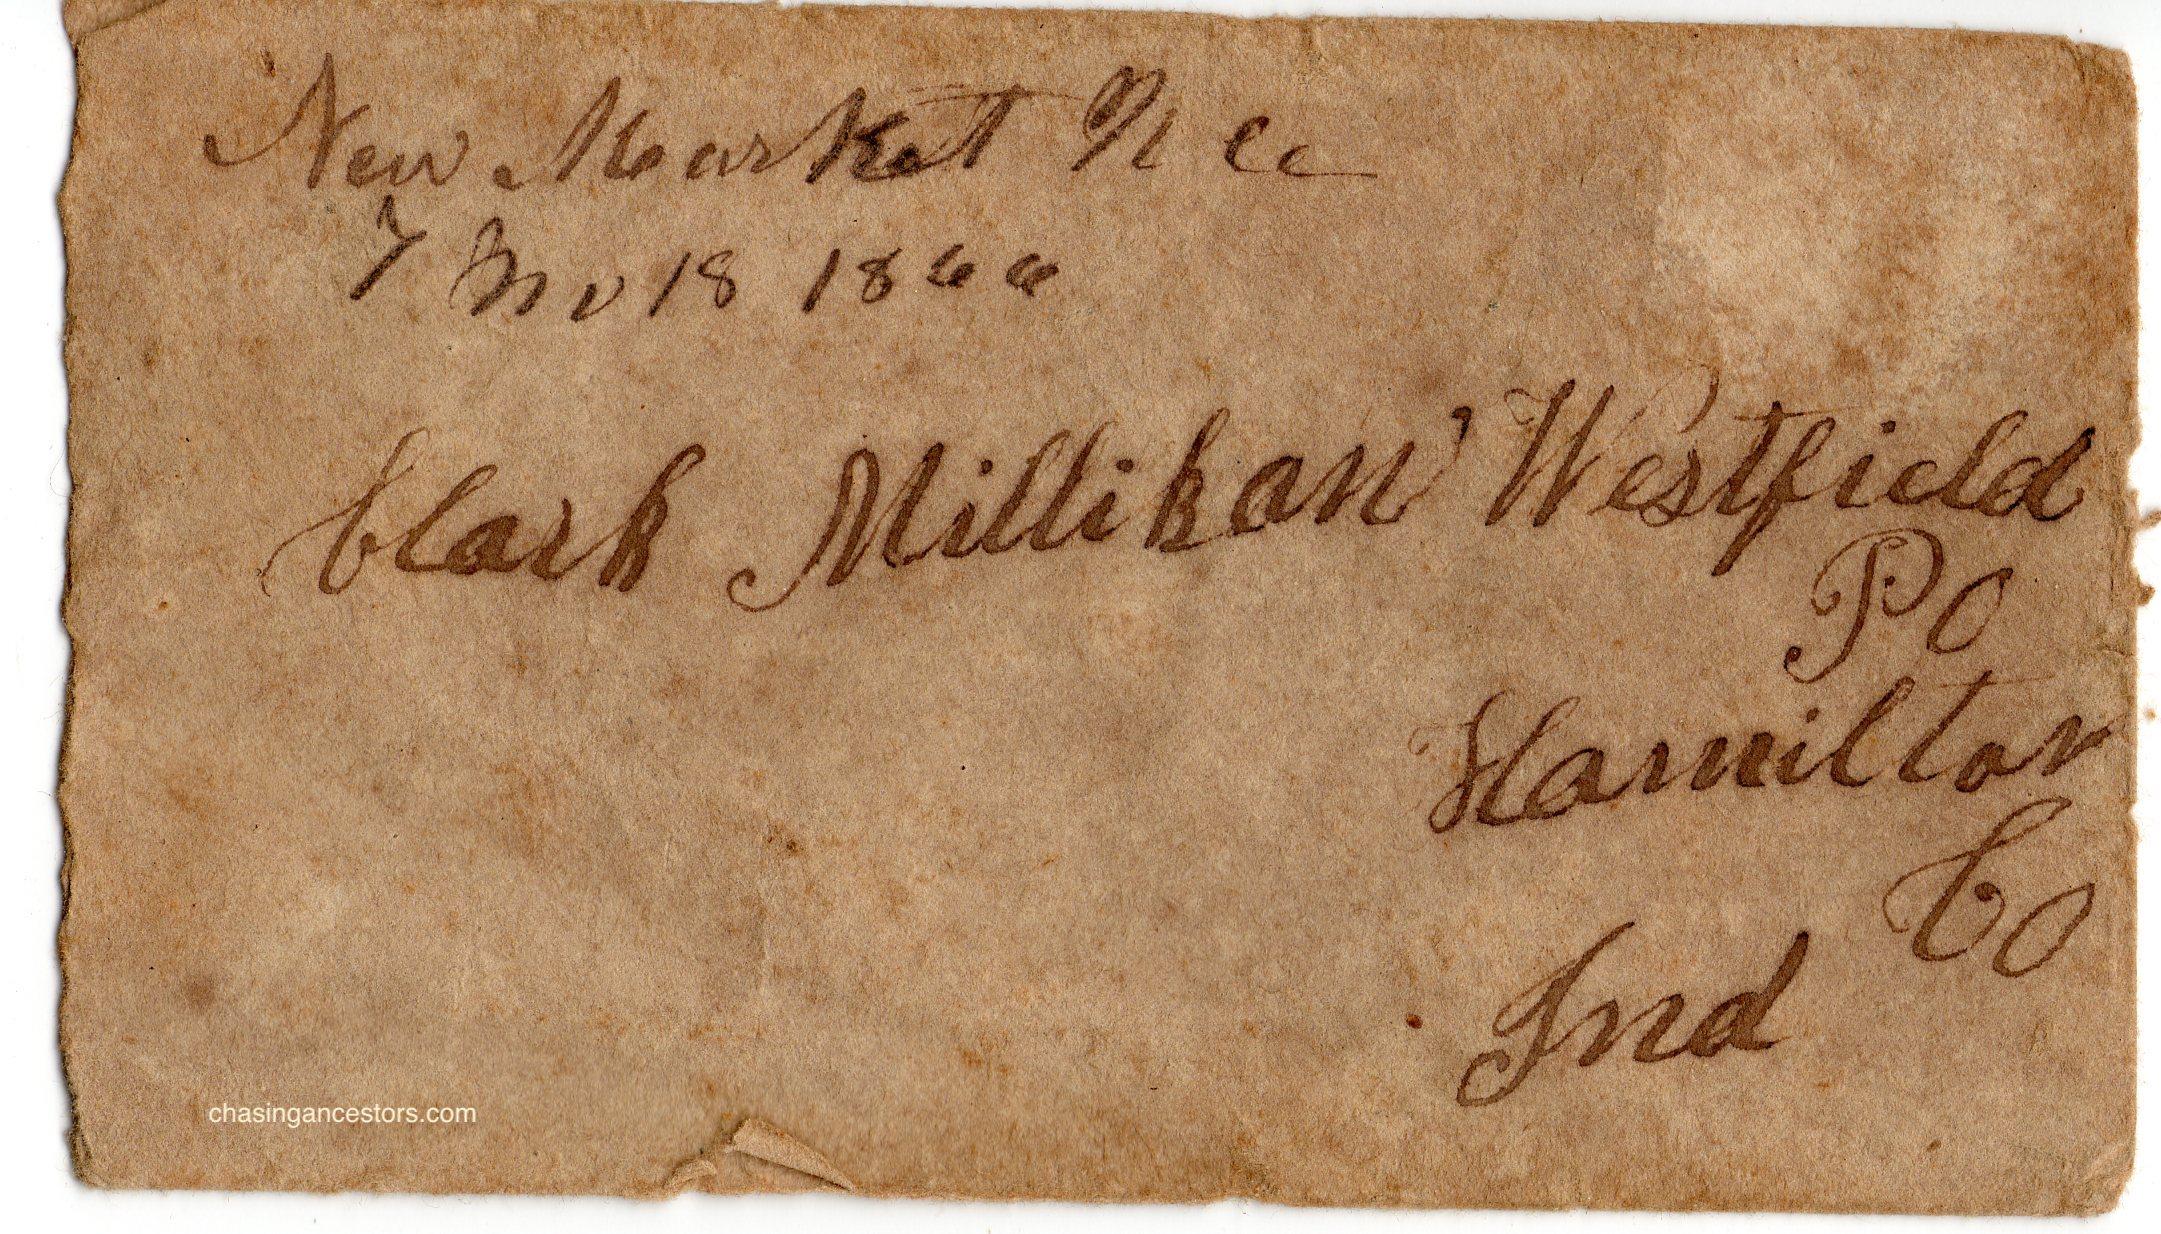 1866 letter envelope copy